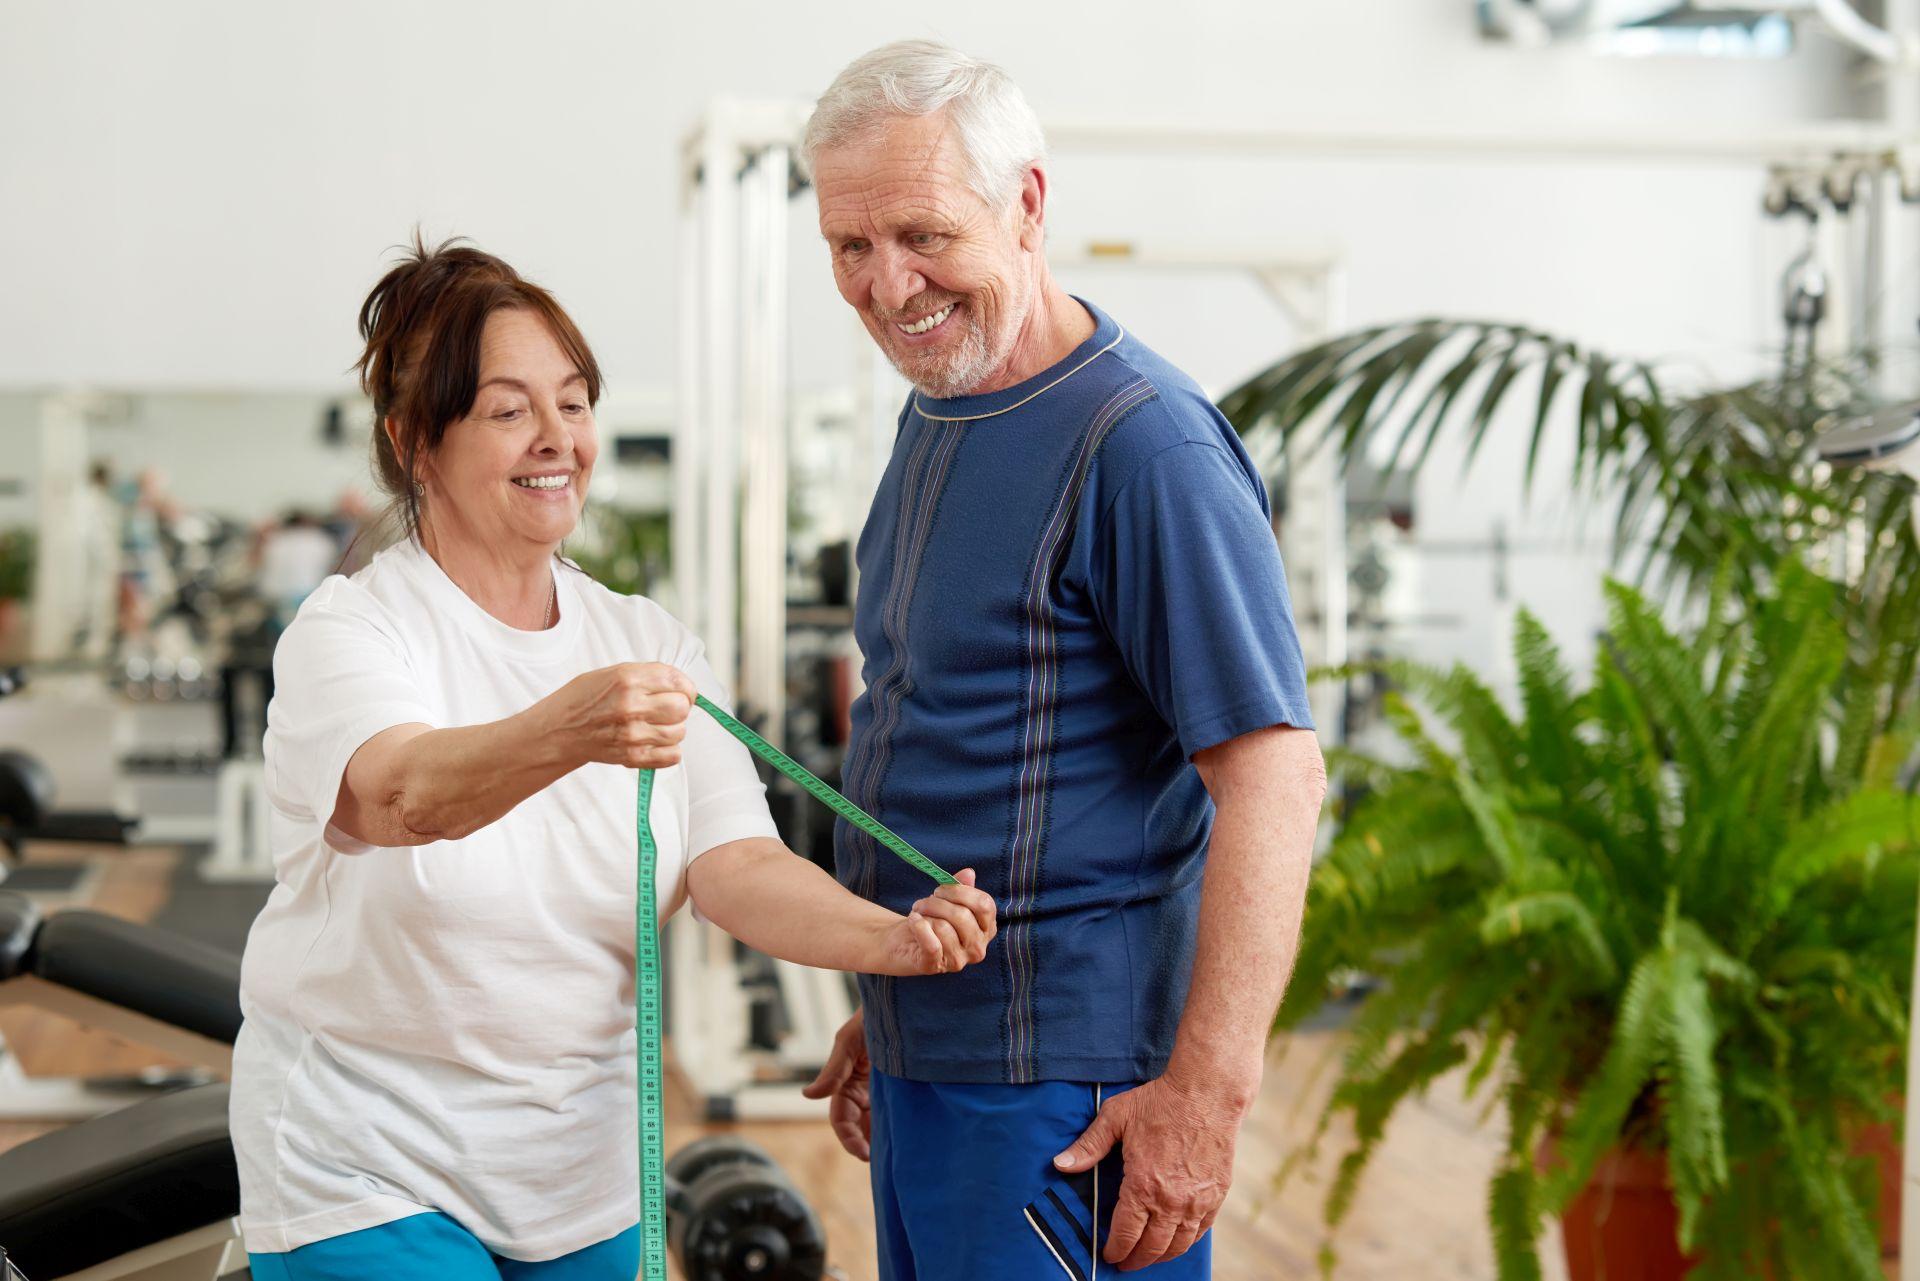 Jak ćwiczyć bezpiecznie? Zadbaj o prawidłową rozgrzewkę, skonsultuj wybór sportu z lekarzem oraz wdrażaj zdrowe posiłki - dieta sportowca bogata w witaminę K i D wspiera odporność oraz kości i stawy.